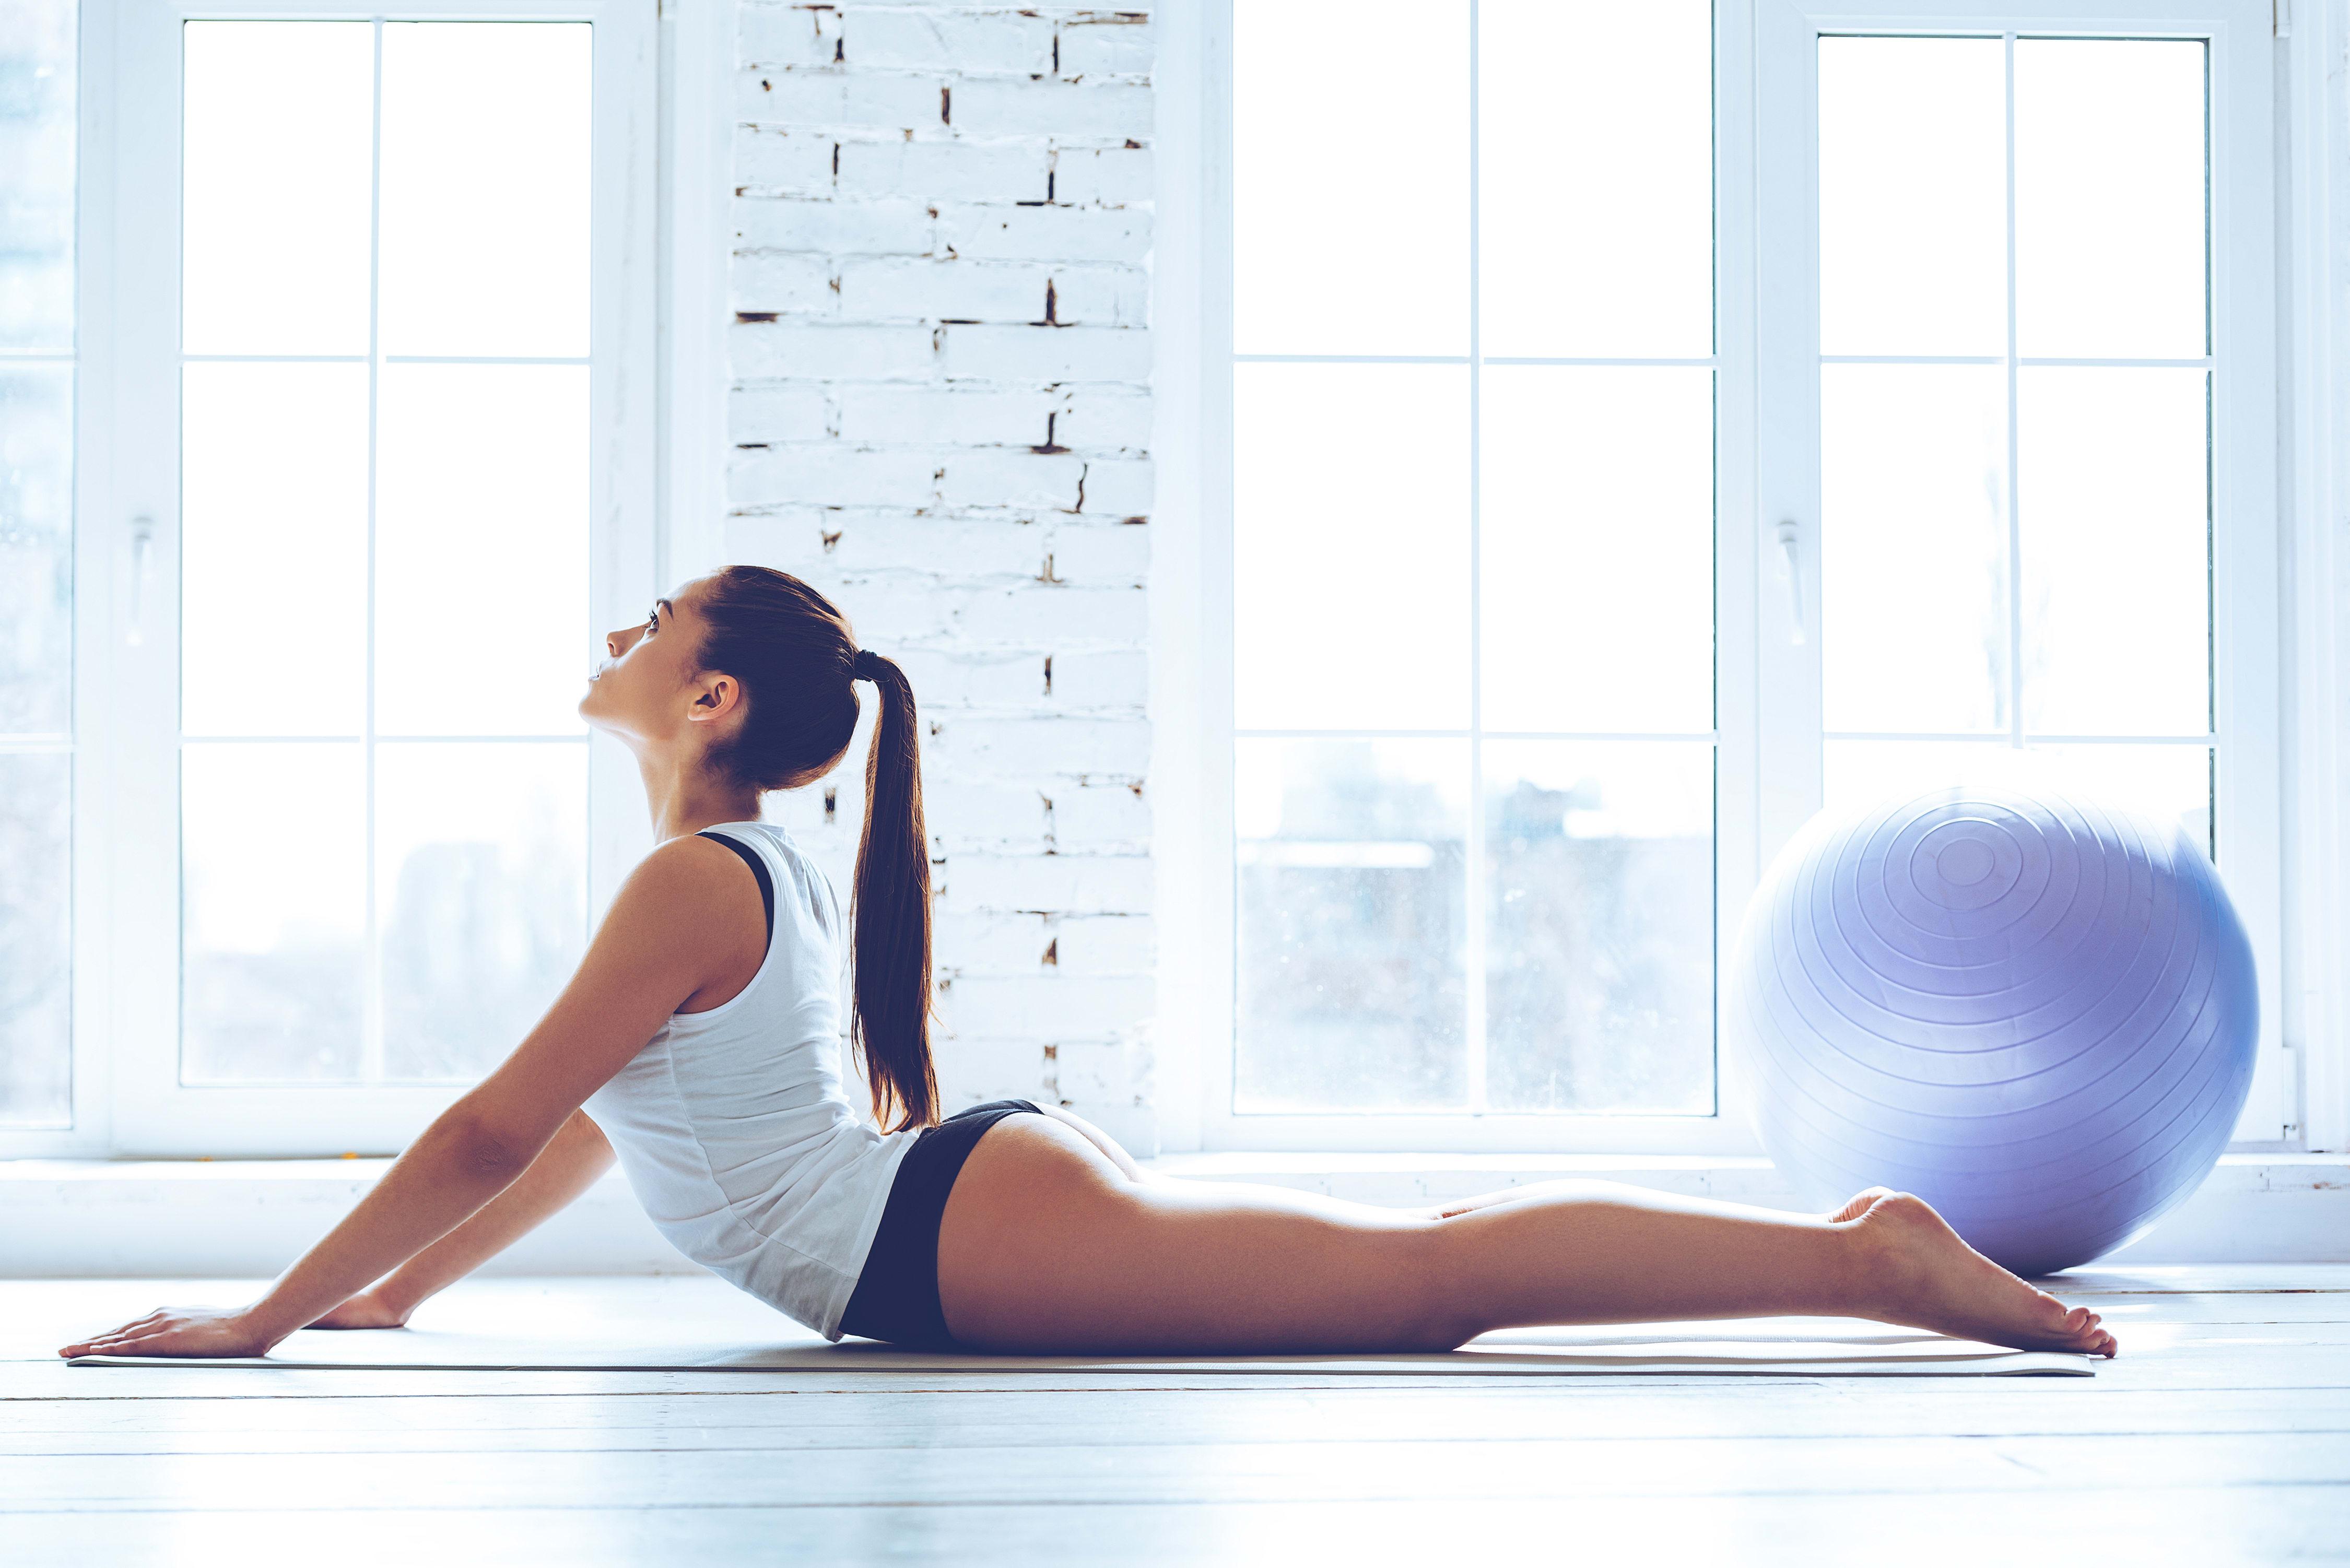 Derfor er det vigtigt at træne fleksibilitet